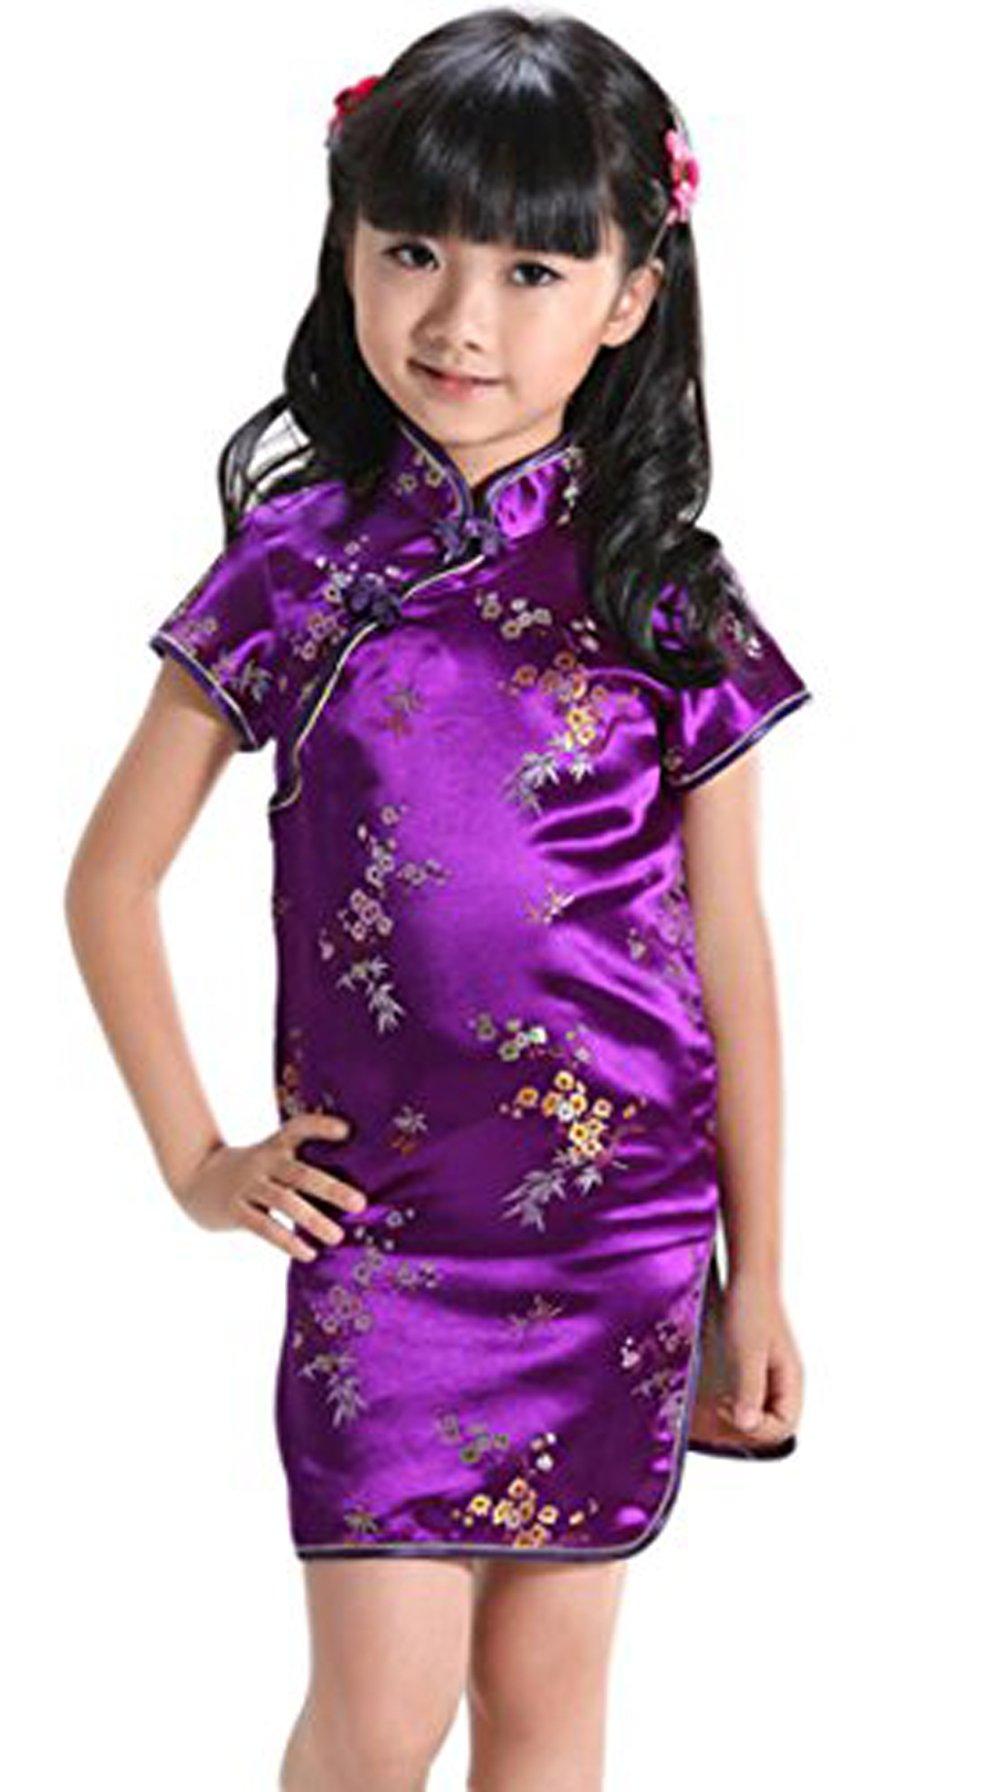 Suimiki Girls Kids Plum Flower Bamboo Chinese Qipao Cheongsam Dress Costume Purple 14